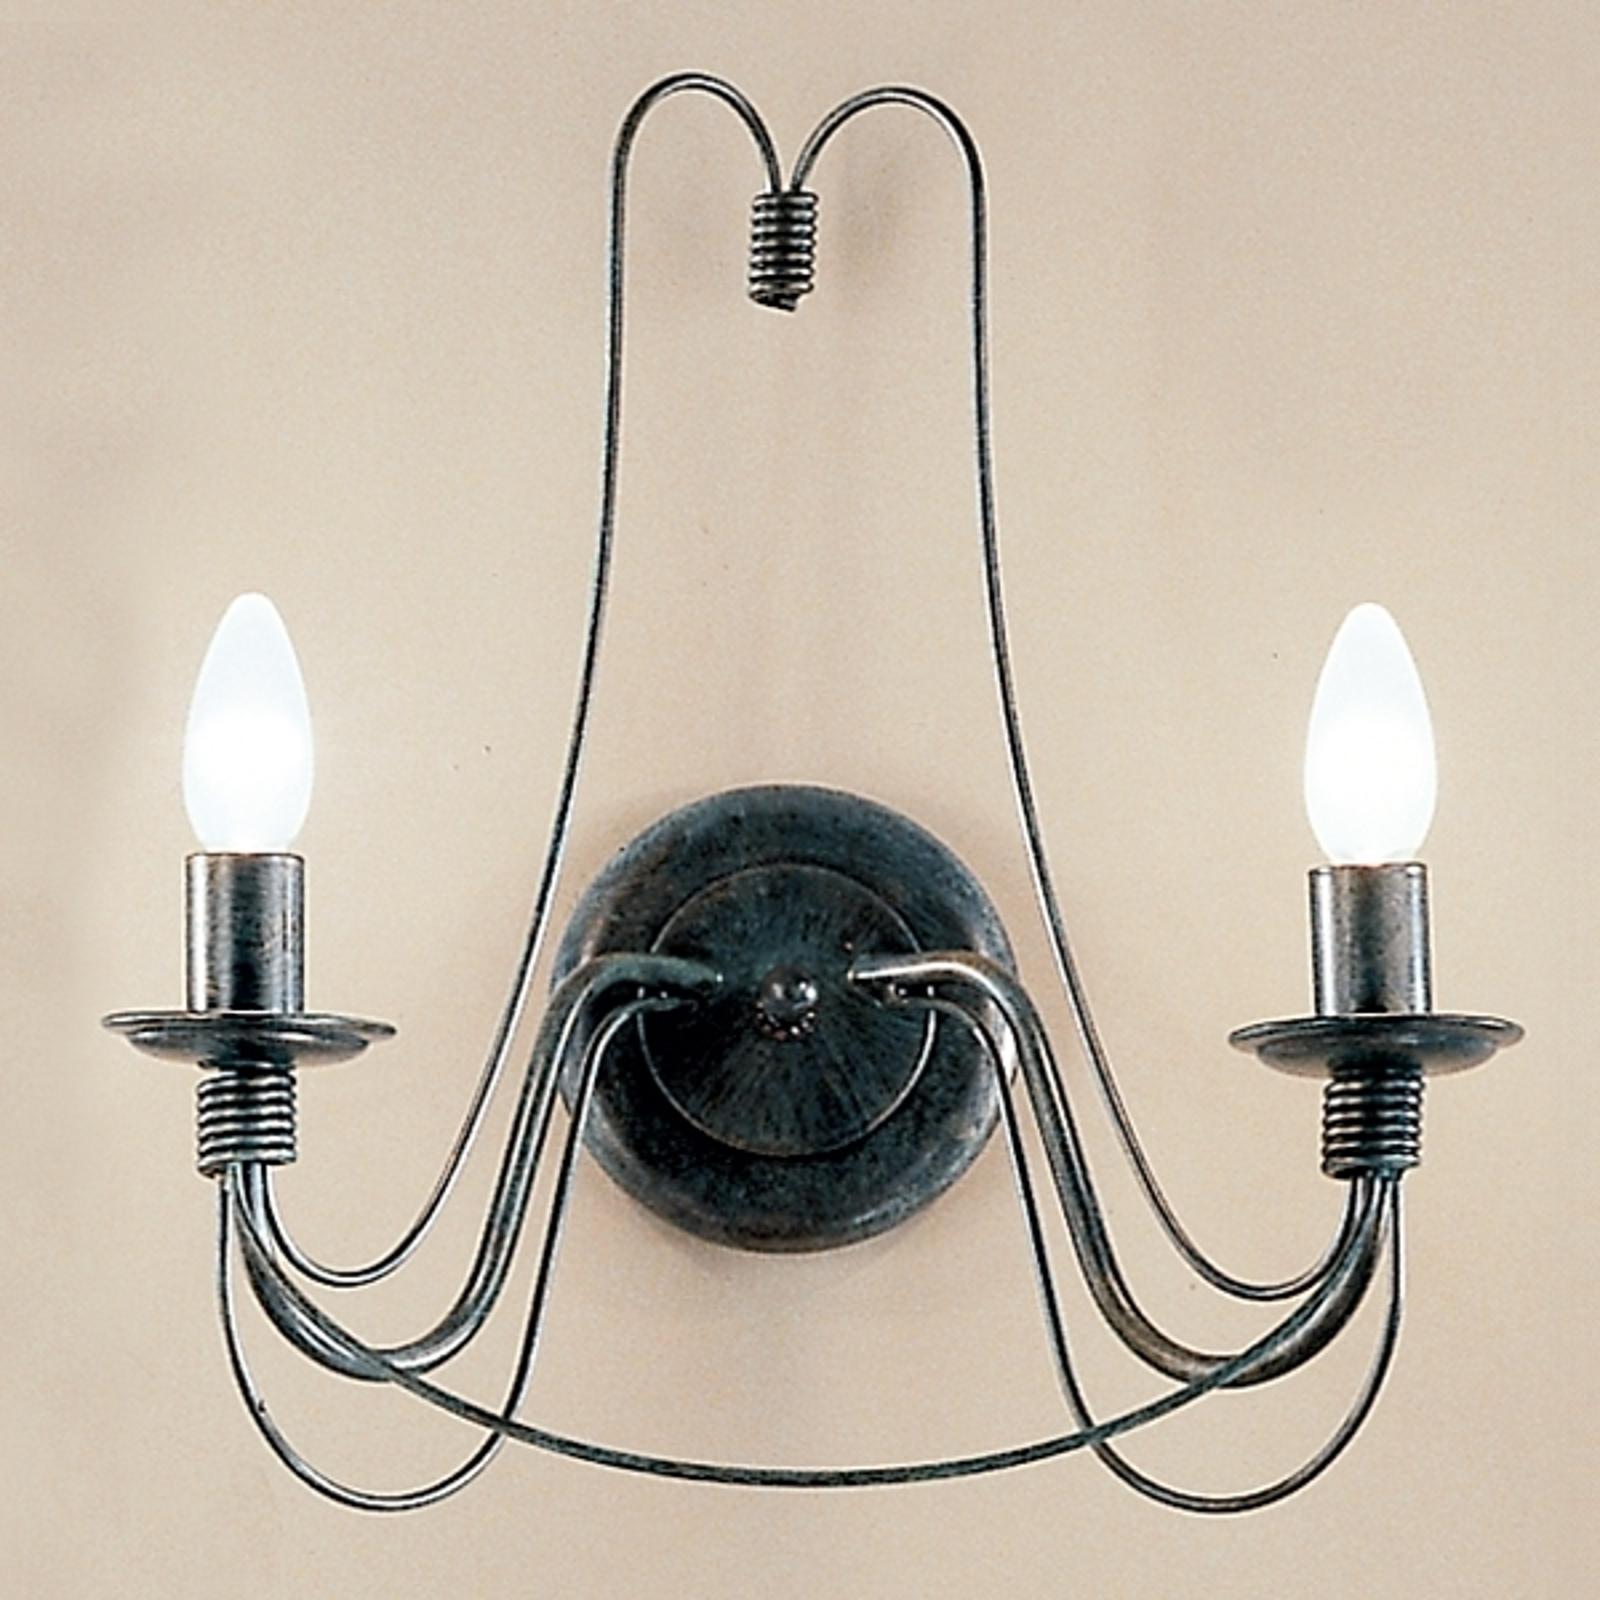 2-lamppuinen kattovalaisin CLARA maalaistyyliin